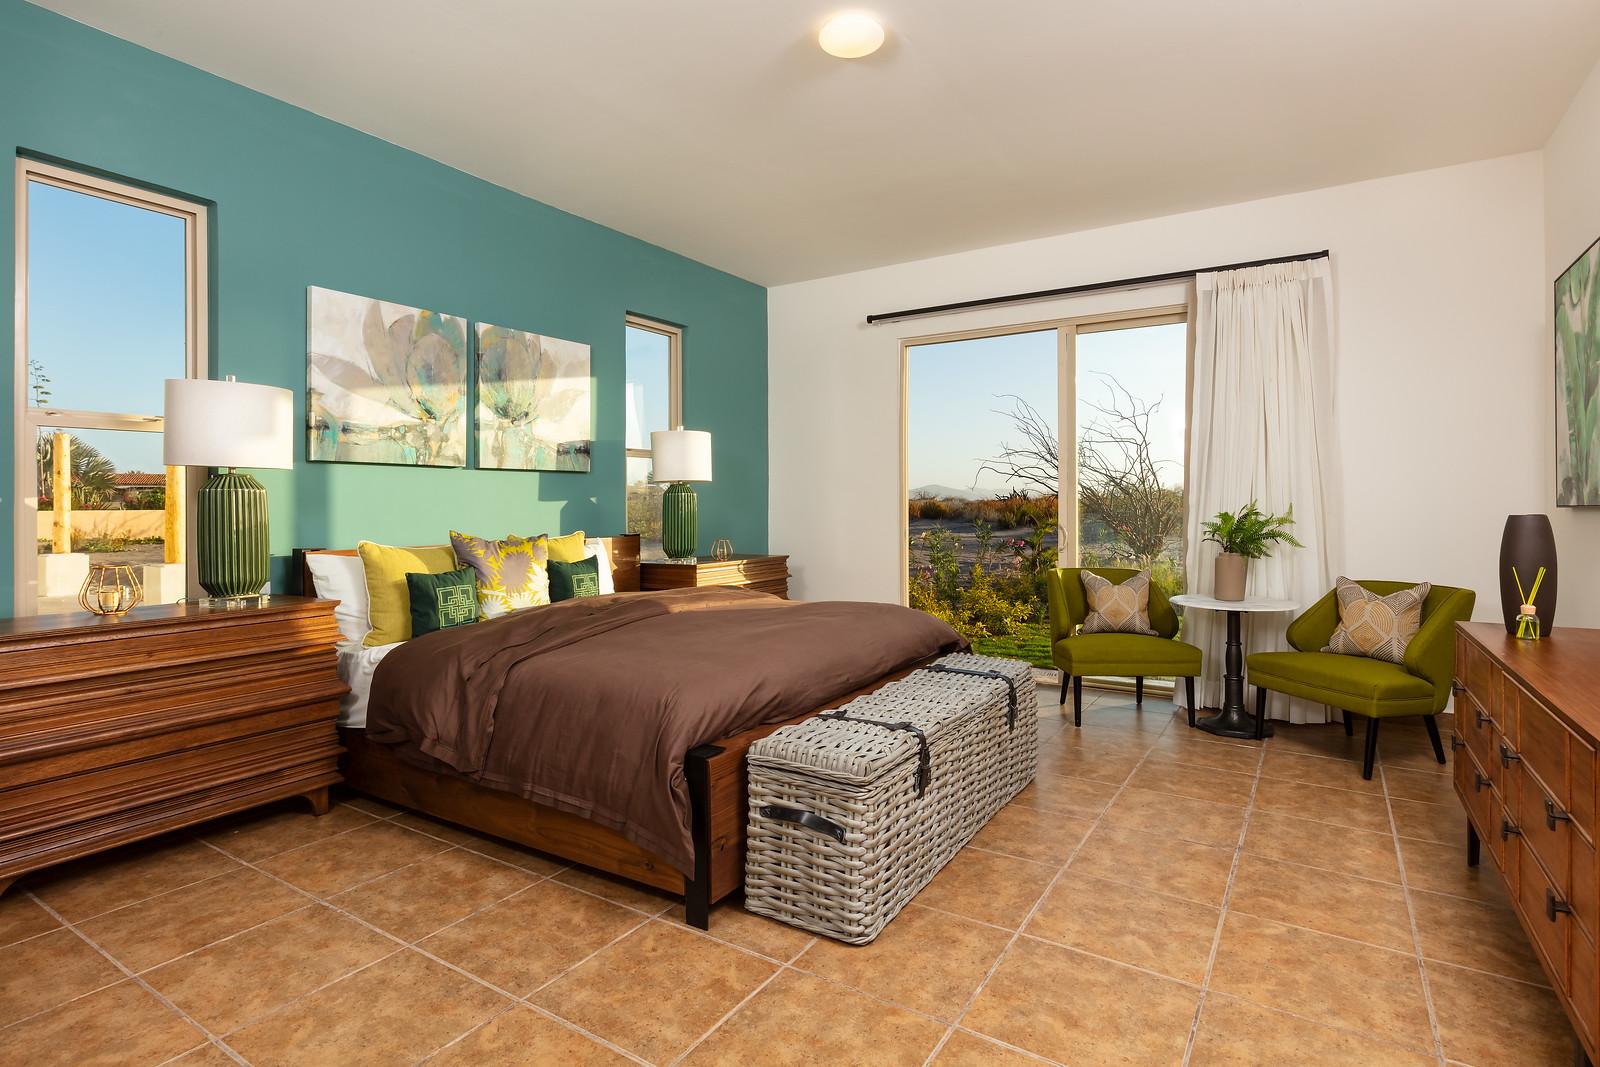 LaPaz-Paraiso_Residence-4BR_Villa-Bedroom2-4132